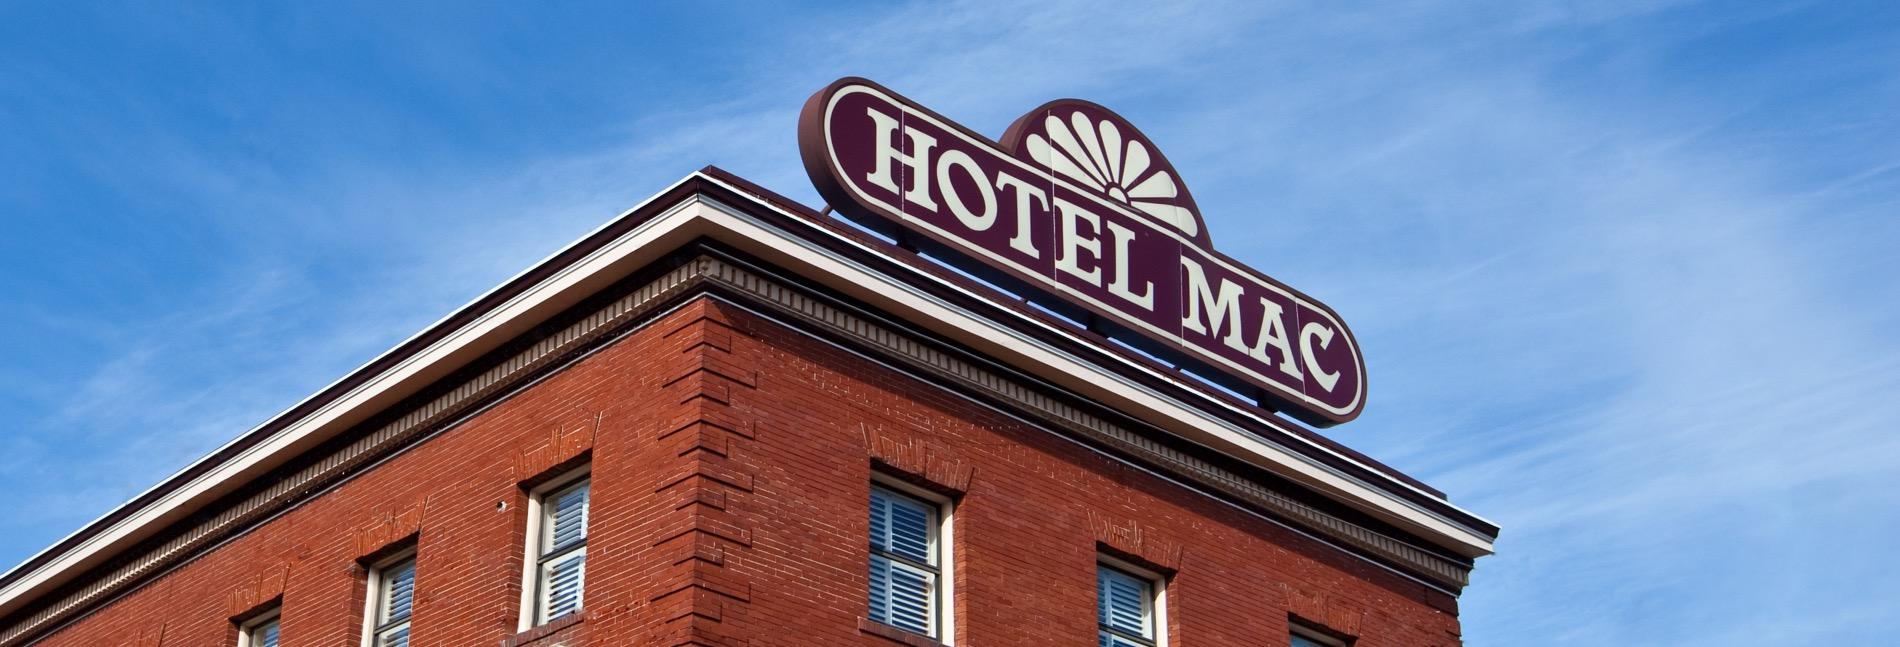 hotel-mac-blue-sky